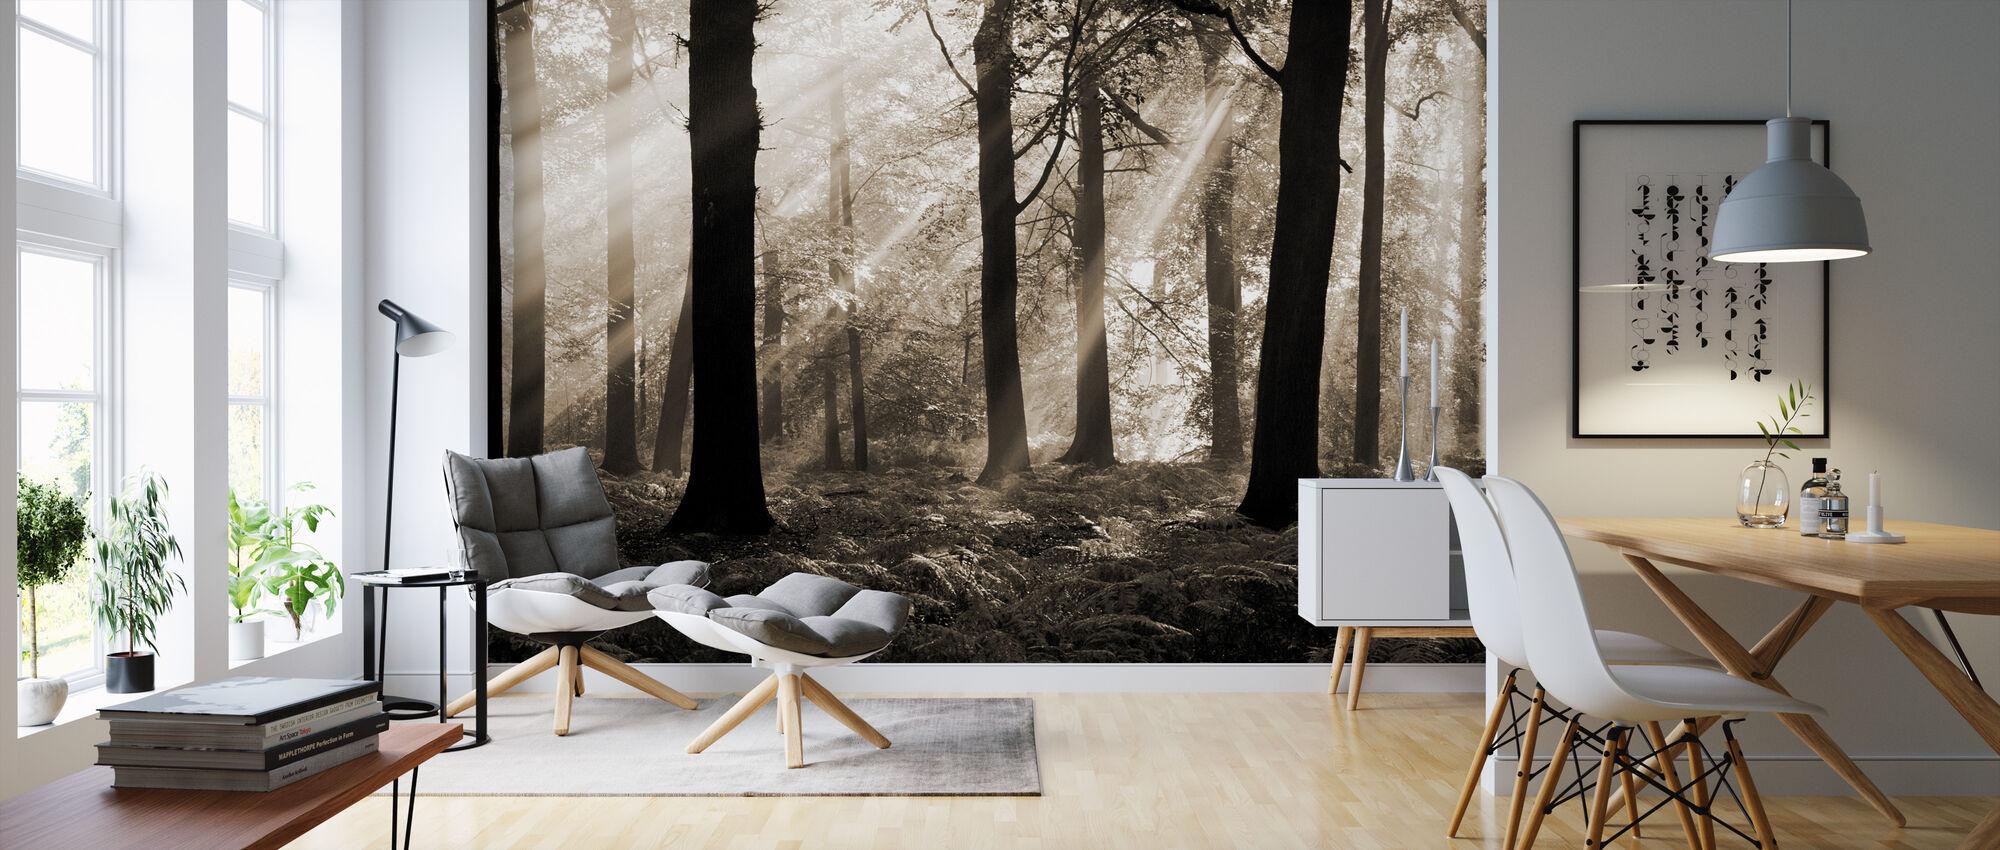 August Morning - Wallpaper - Living Room